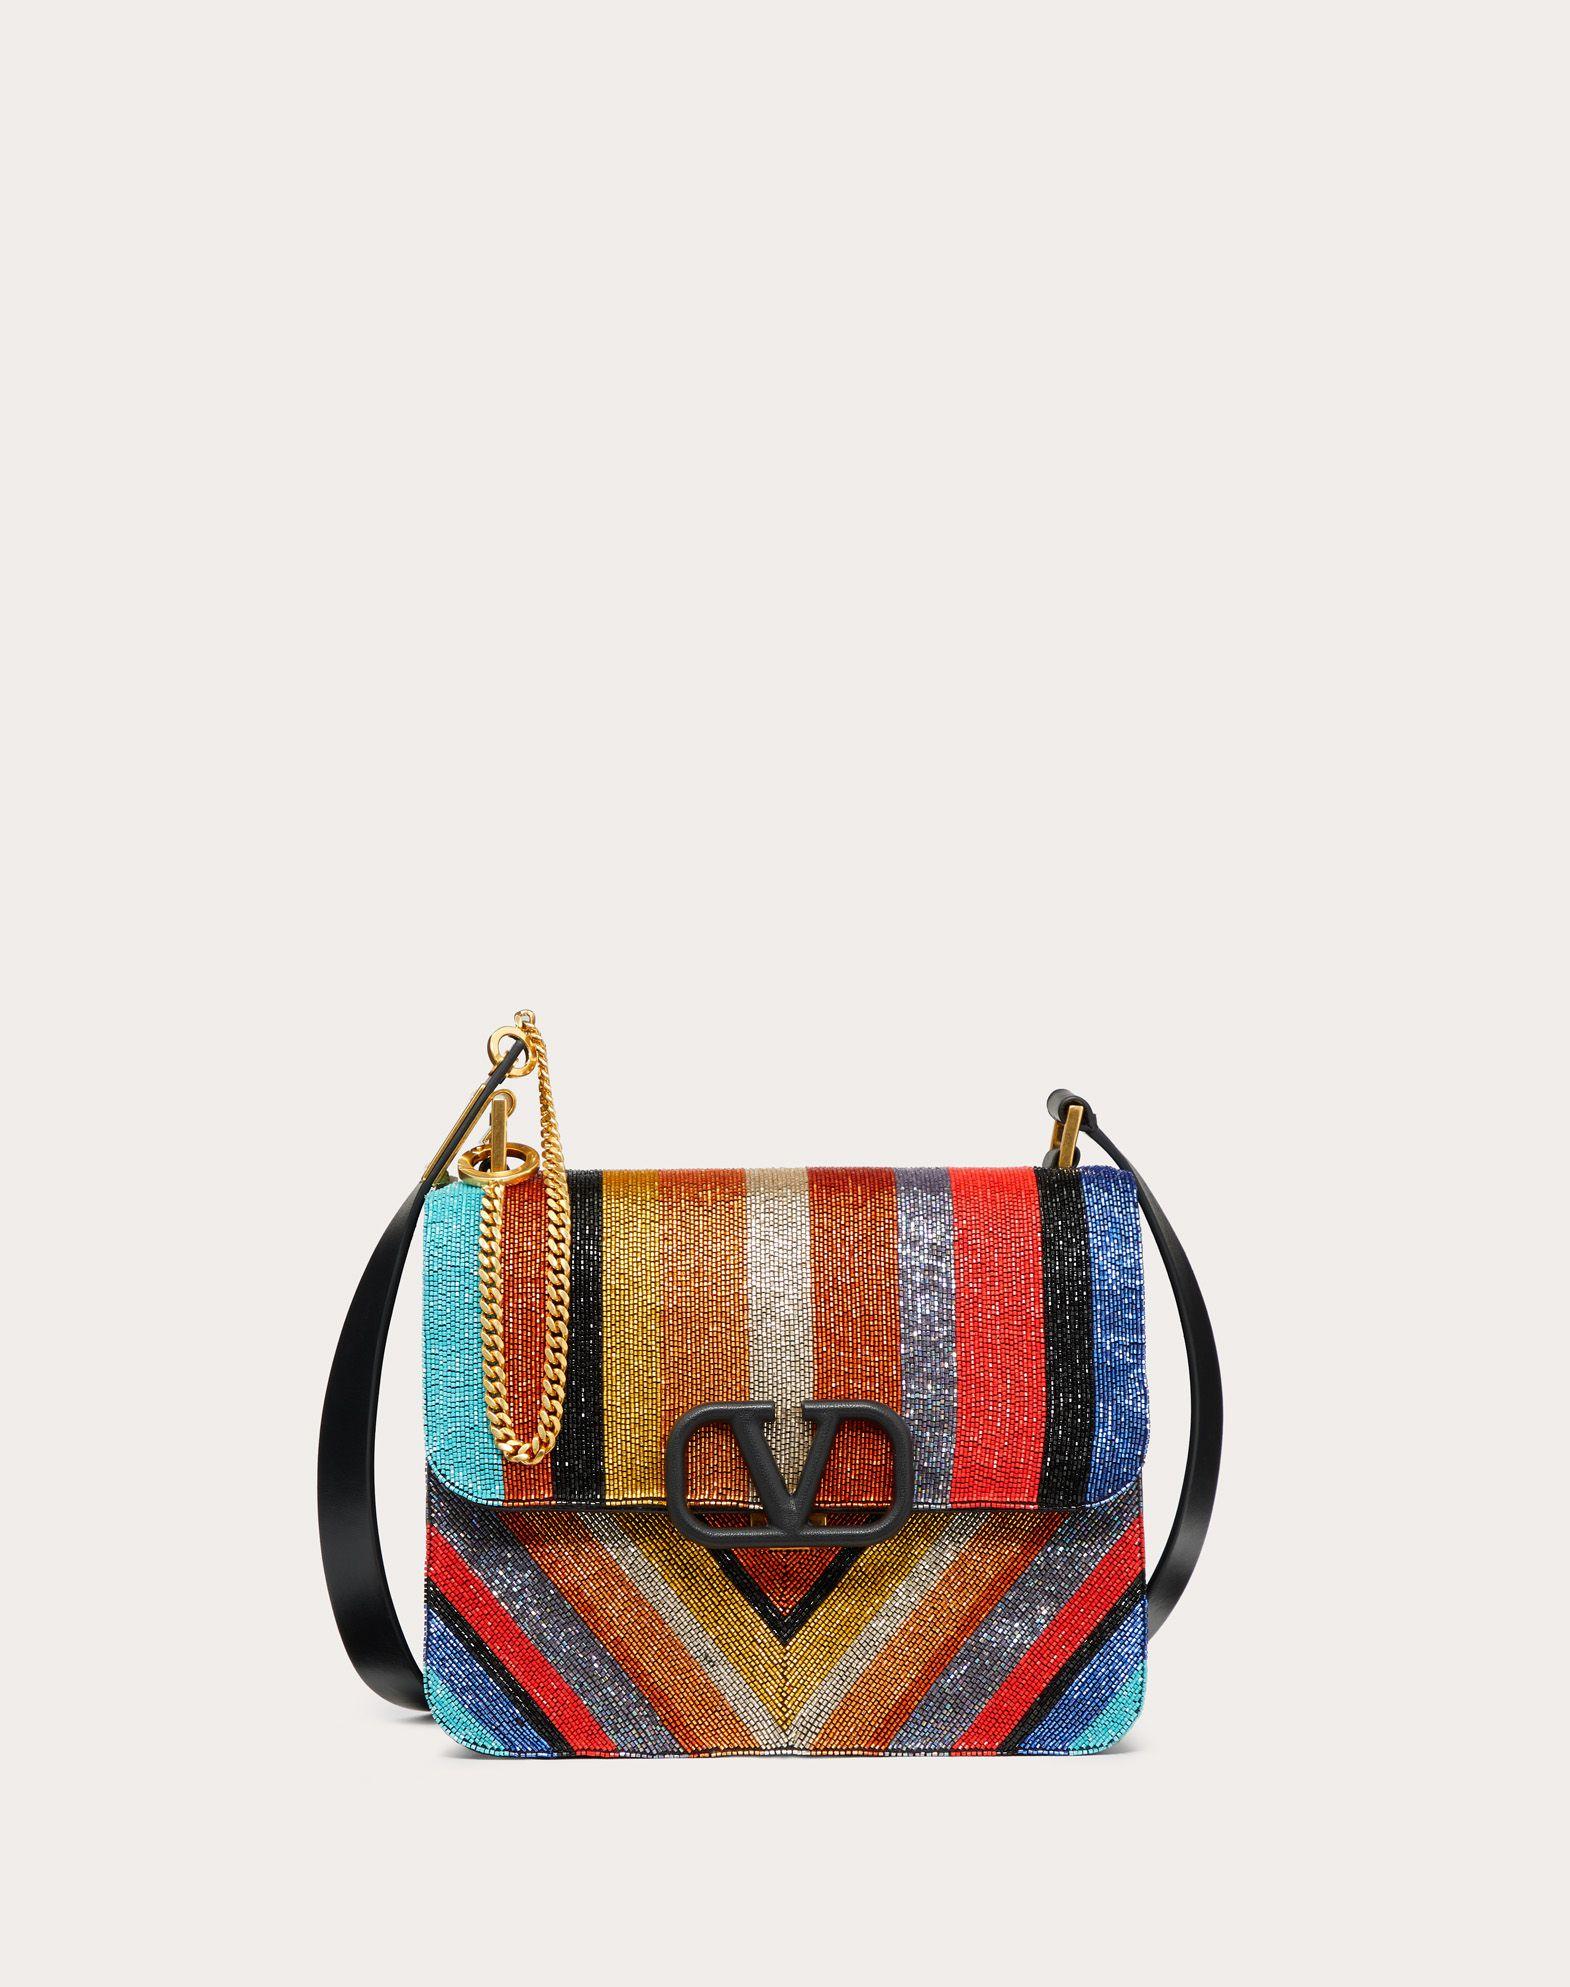 VSLING Beaded Shoulder Bag